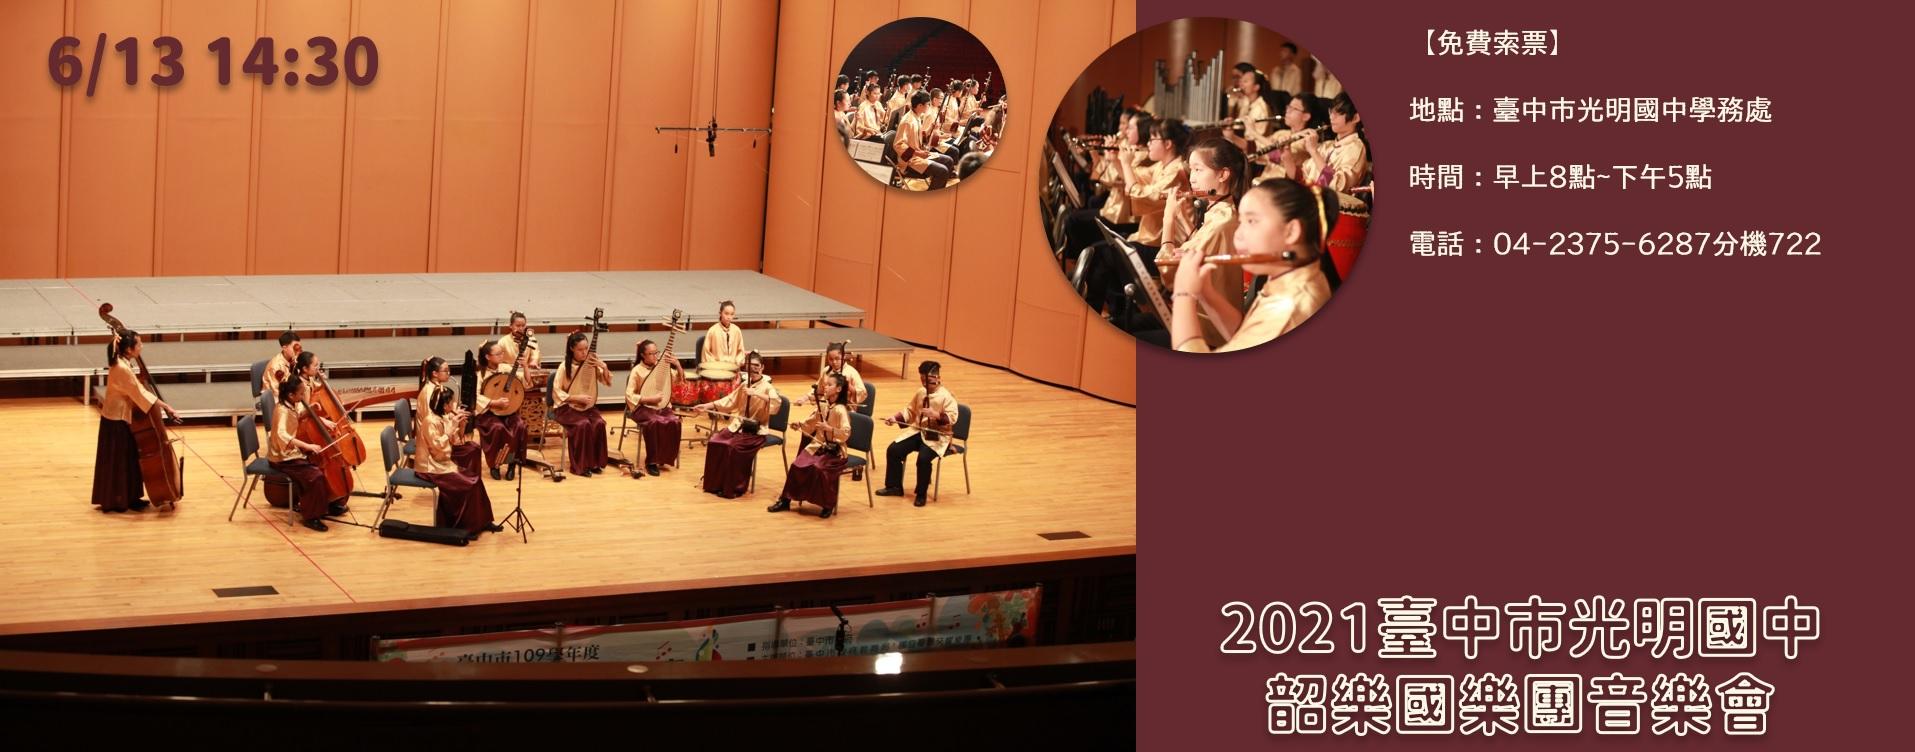 2021臺中市光明國中-韶樂國樂團音樂會